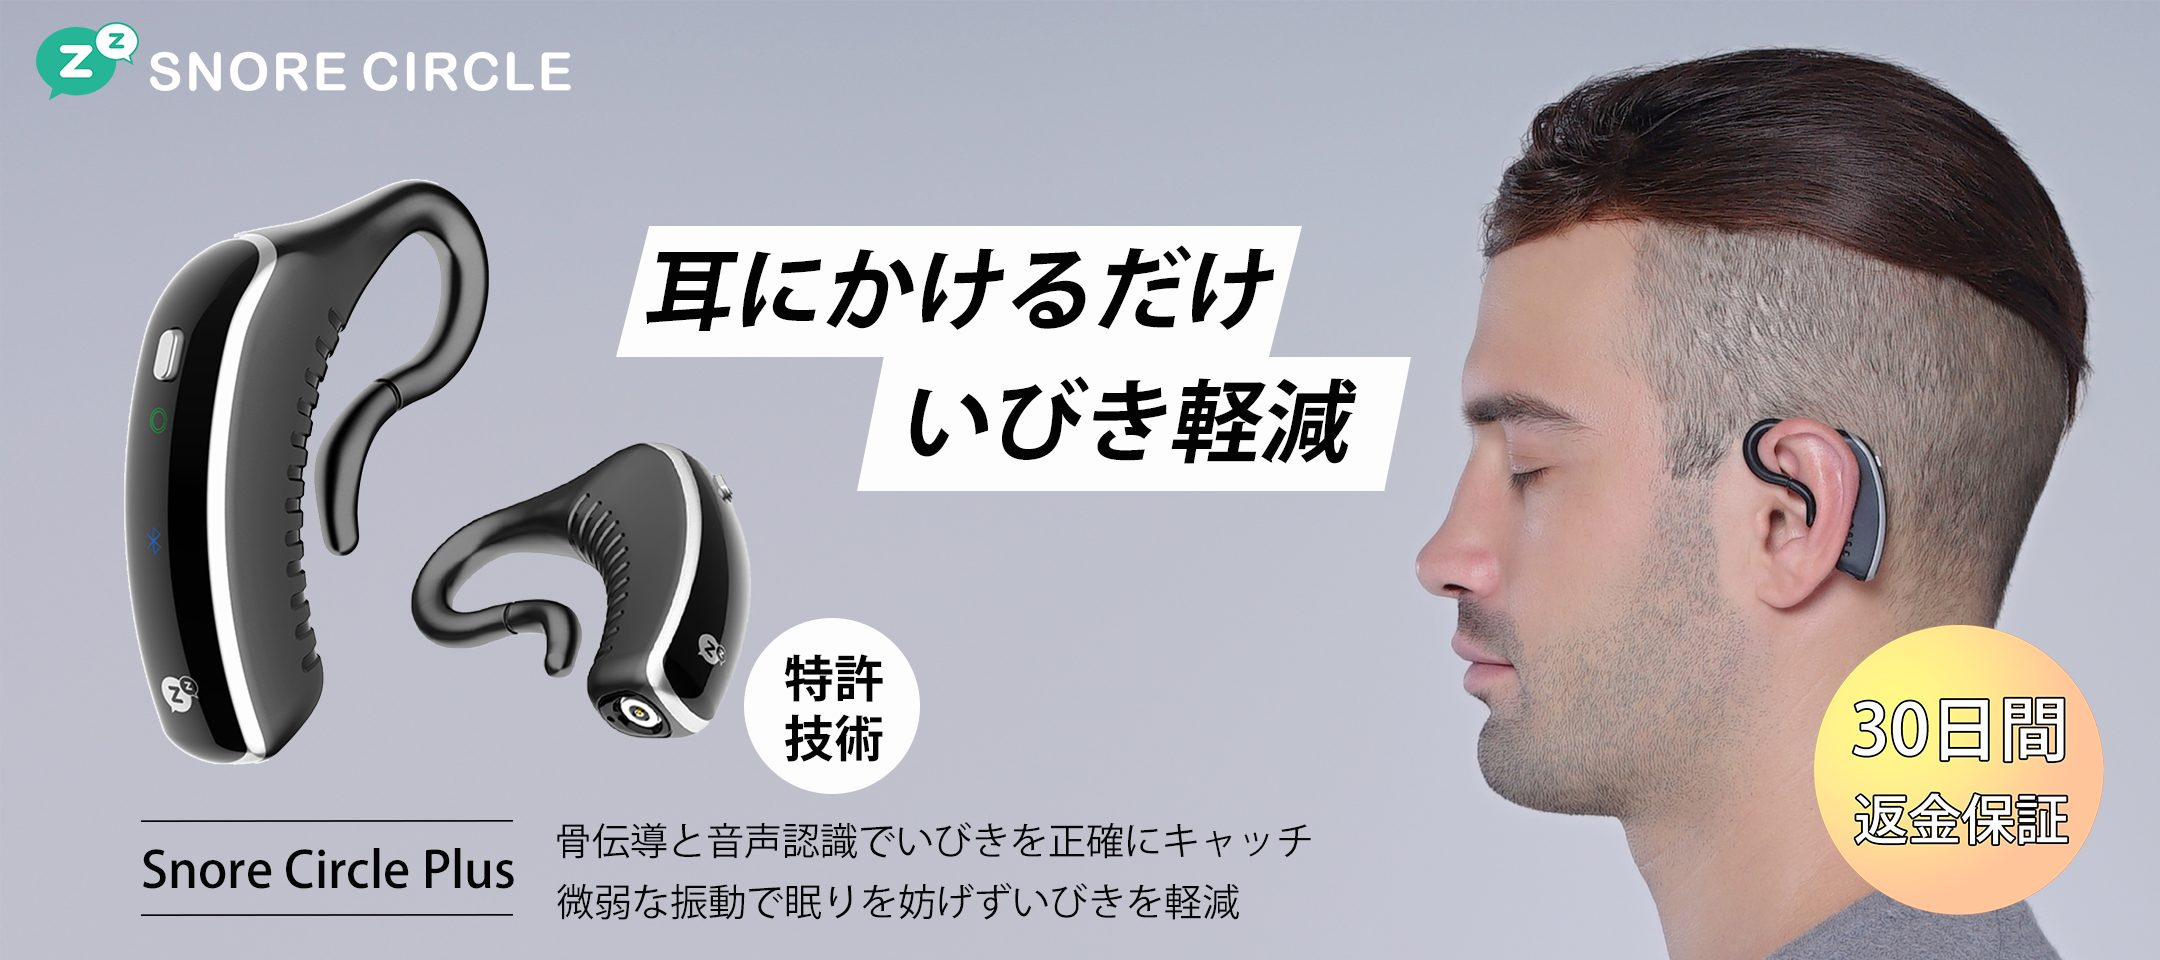 Snore Circle Plus 耳にかけるだけいびき軽減 骨伝導と音声認識でいびきを正確にキャッチ 微弱な振動で眠りを妨げずいびきを軽減 30日間返金保証